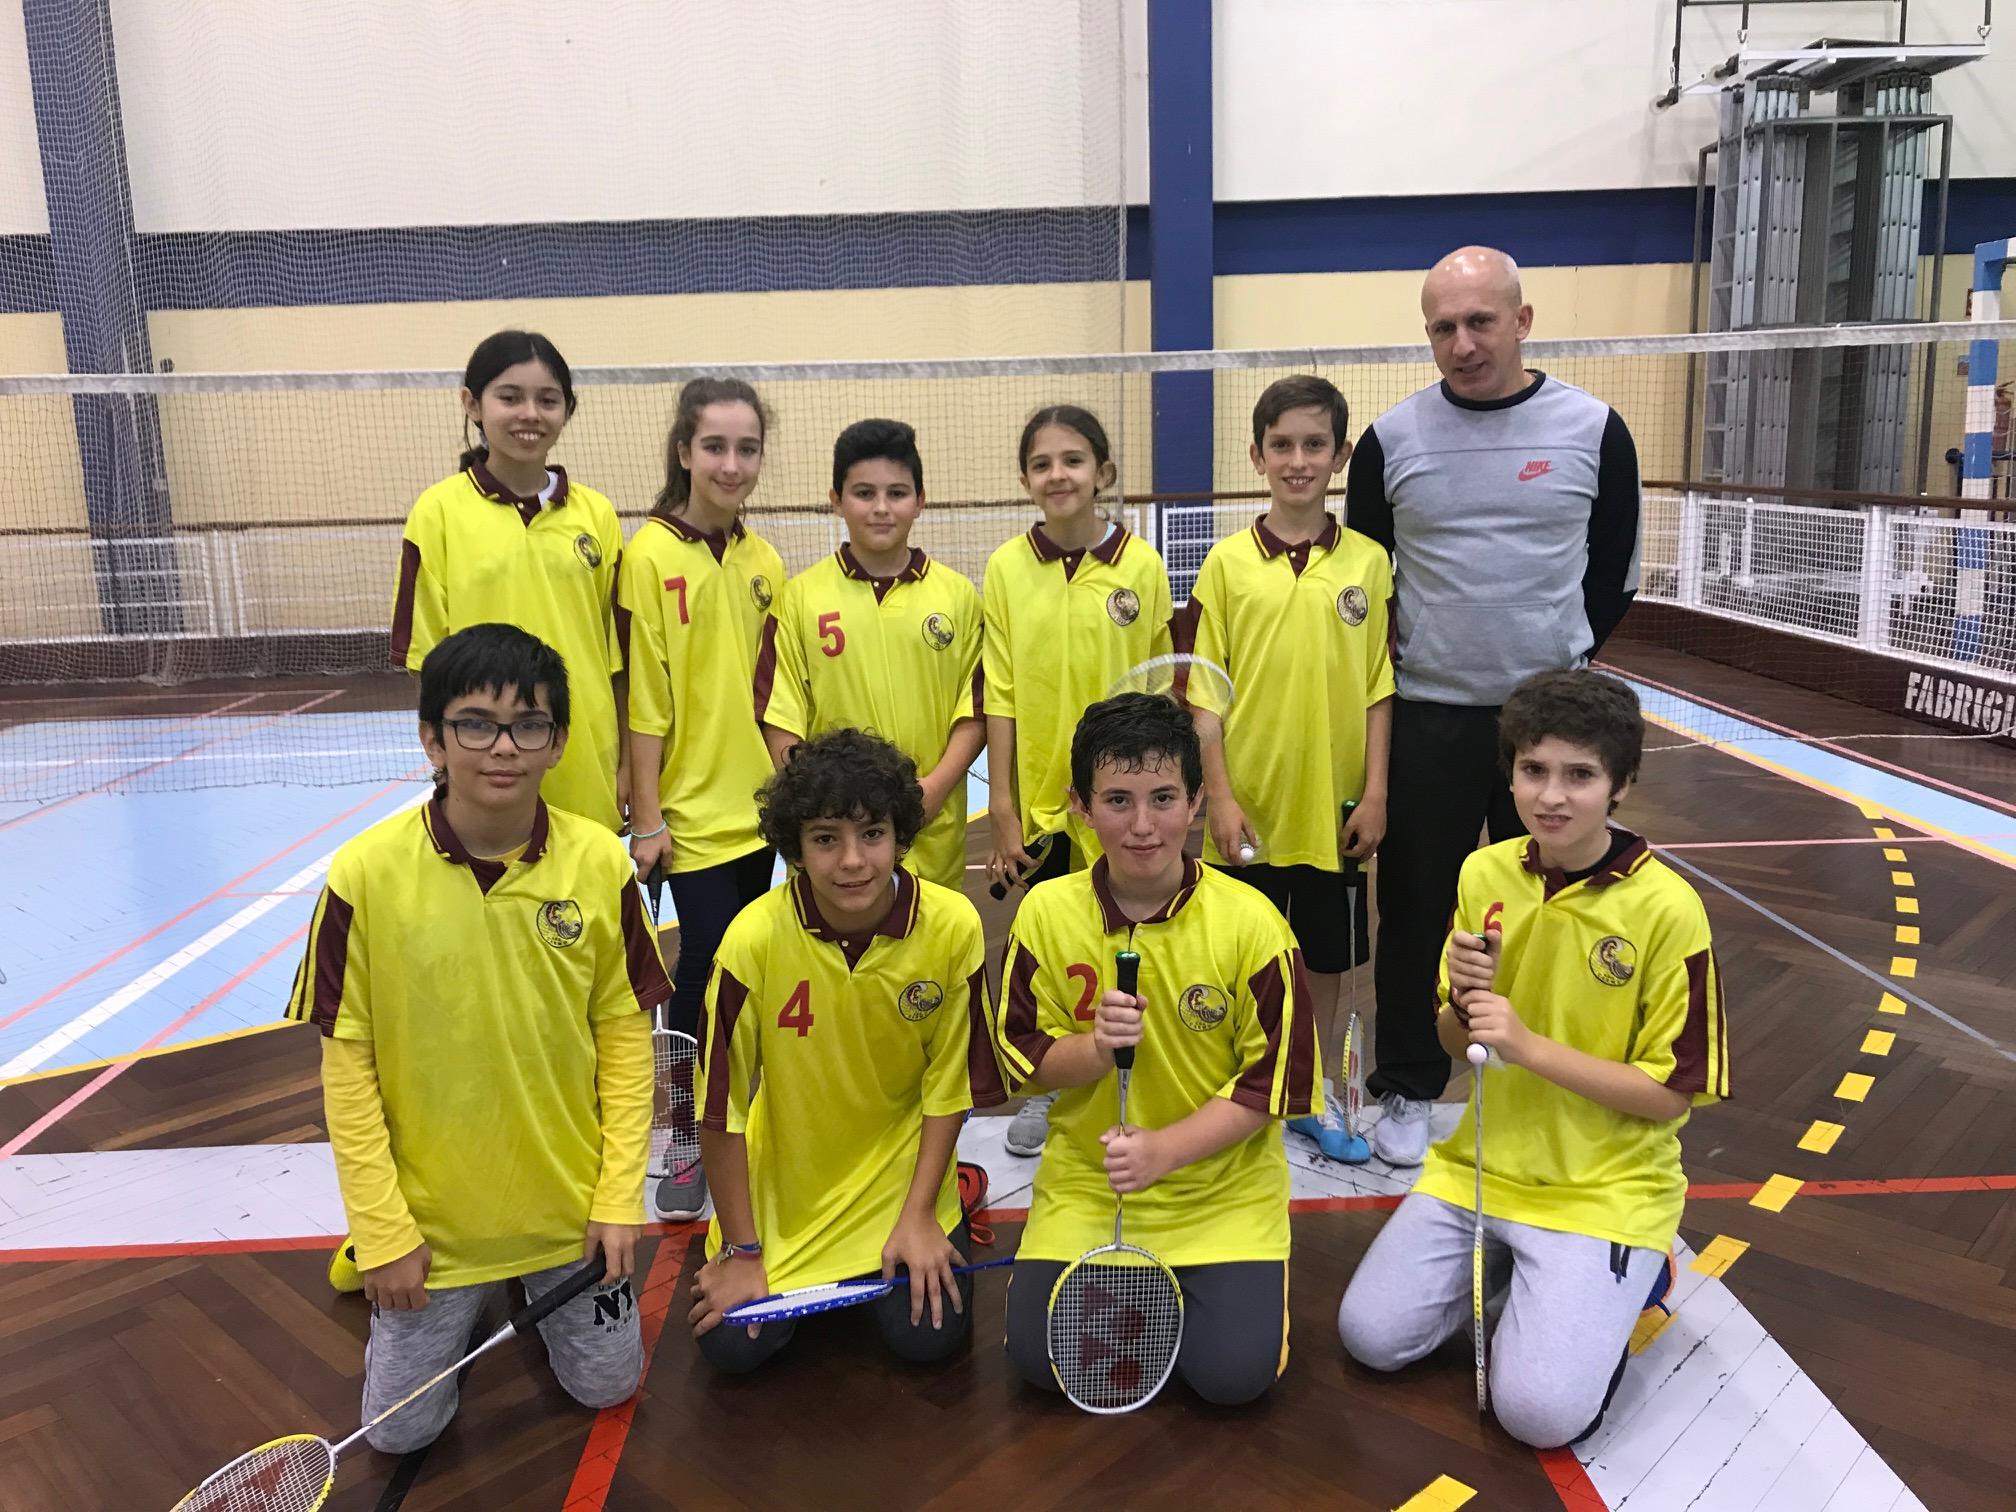 Formação/estágio e Concentração de pares de Badminton   zona Funchal/Este/Oeste Infantis /Juniores seniores